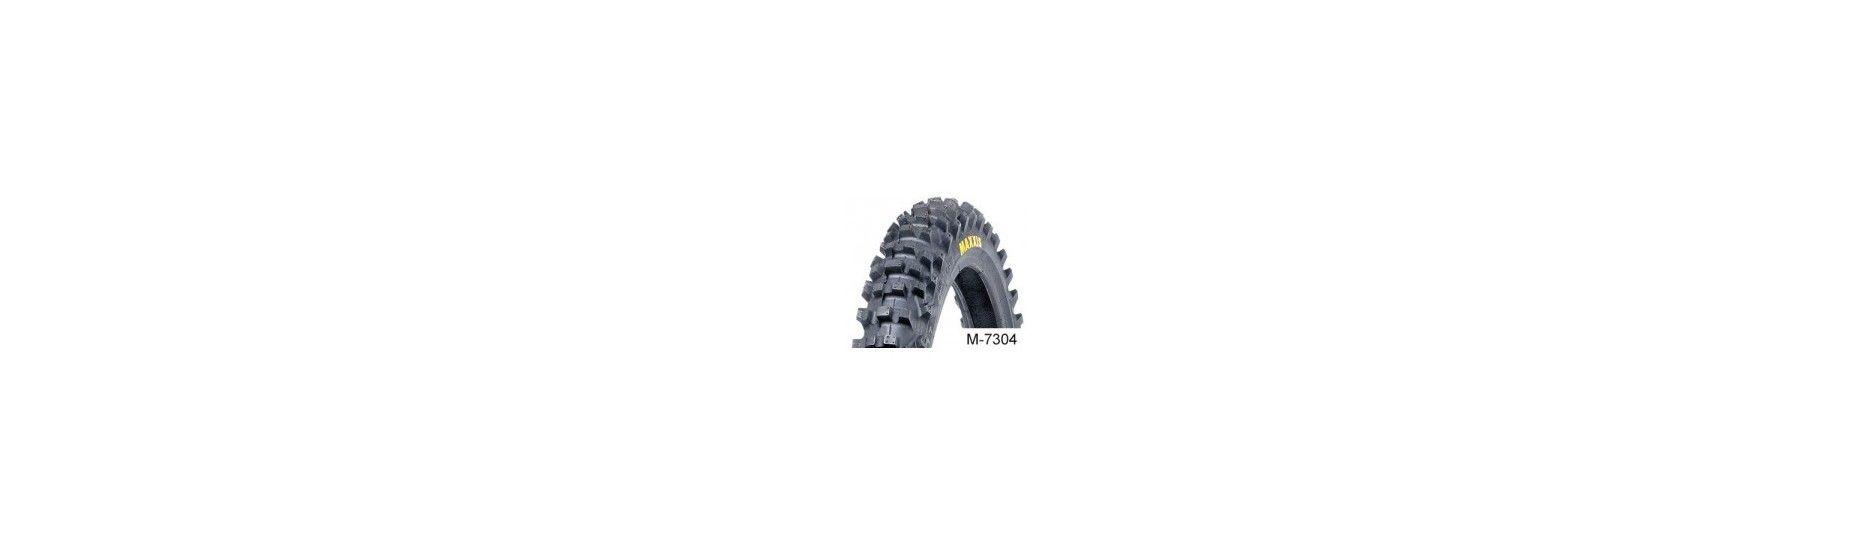 17-ti palcové pneumatiky